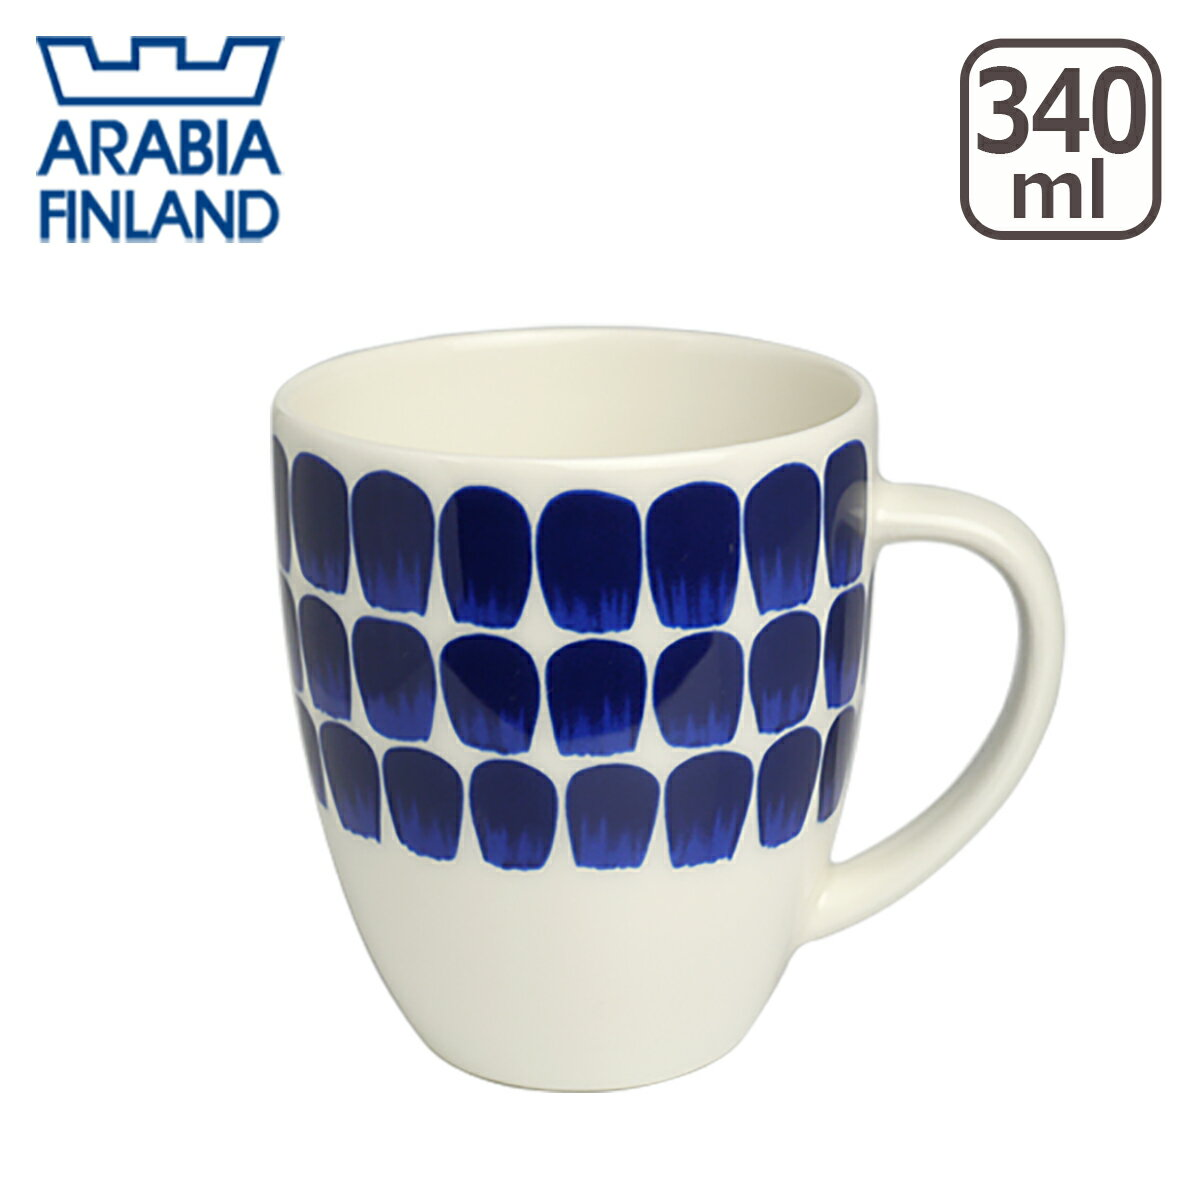 アラビア(Arabia) 24h トゥオキオ (TUOKIO) マグ 340ml コバルトブルー マグカップ 北欧 フィンランド 食器 ギフト・のし可 GF1